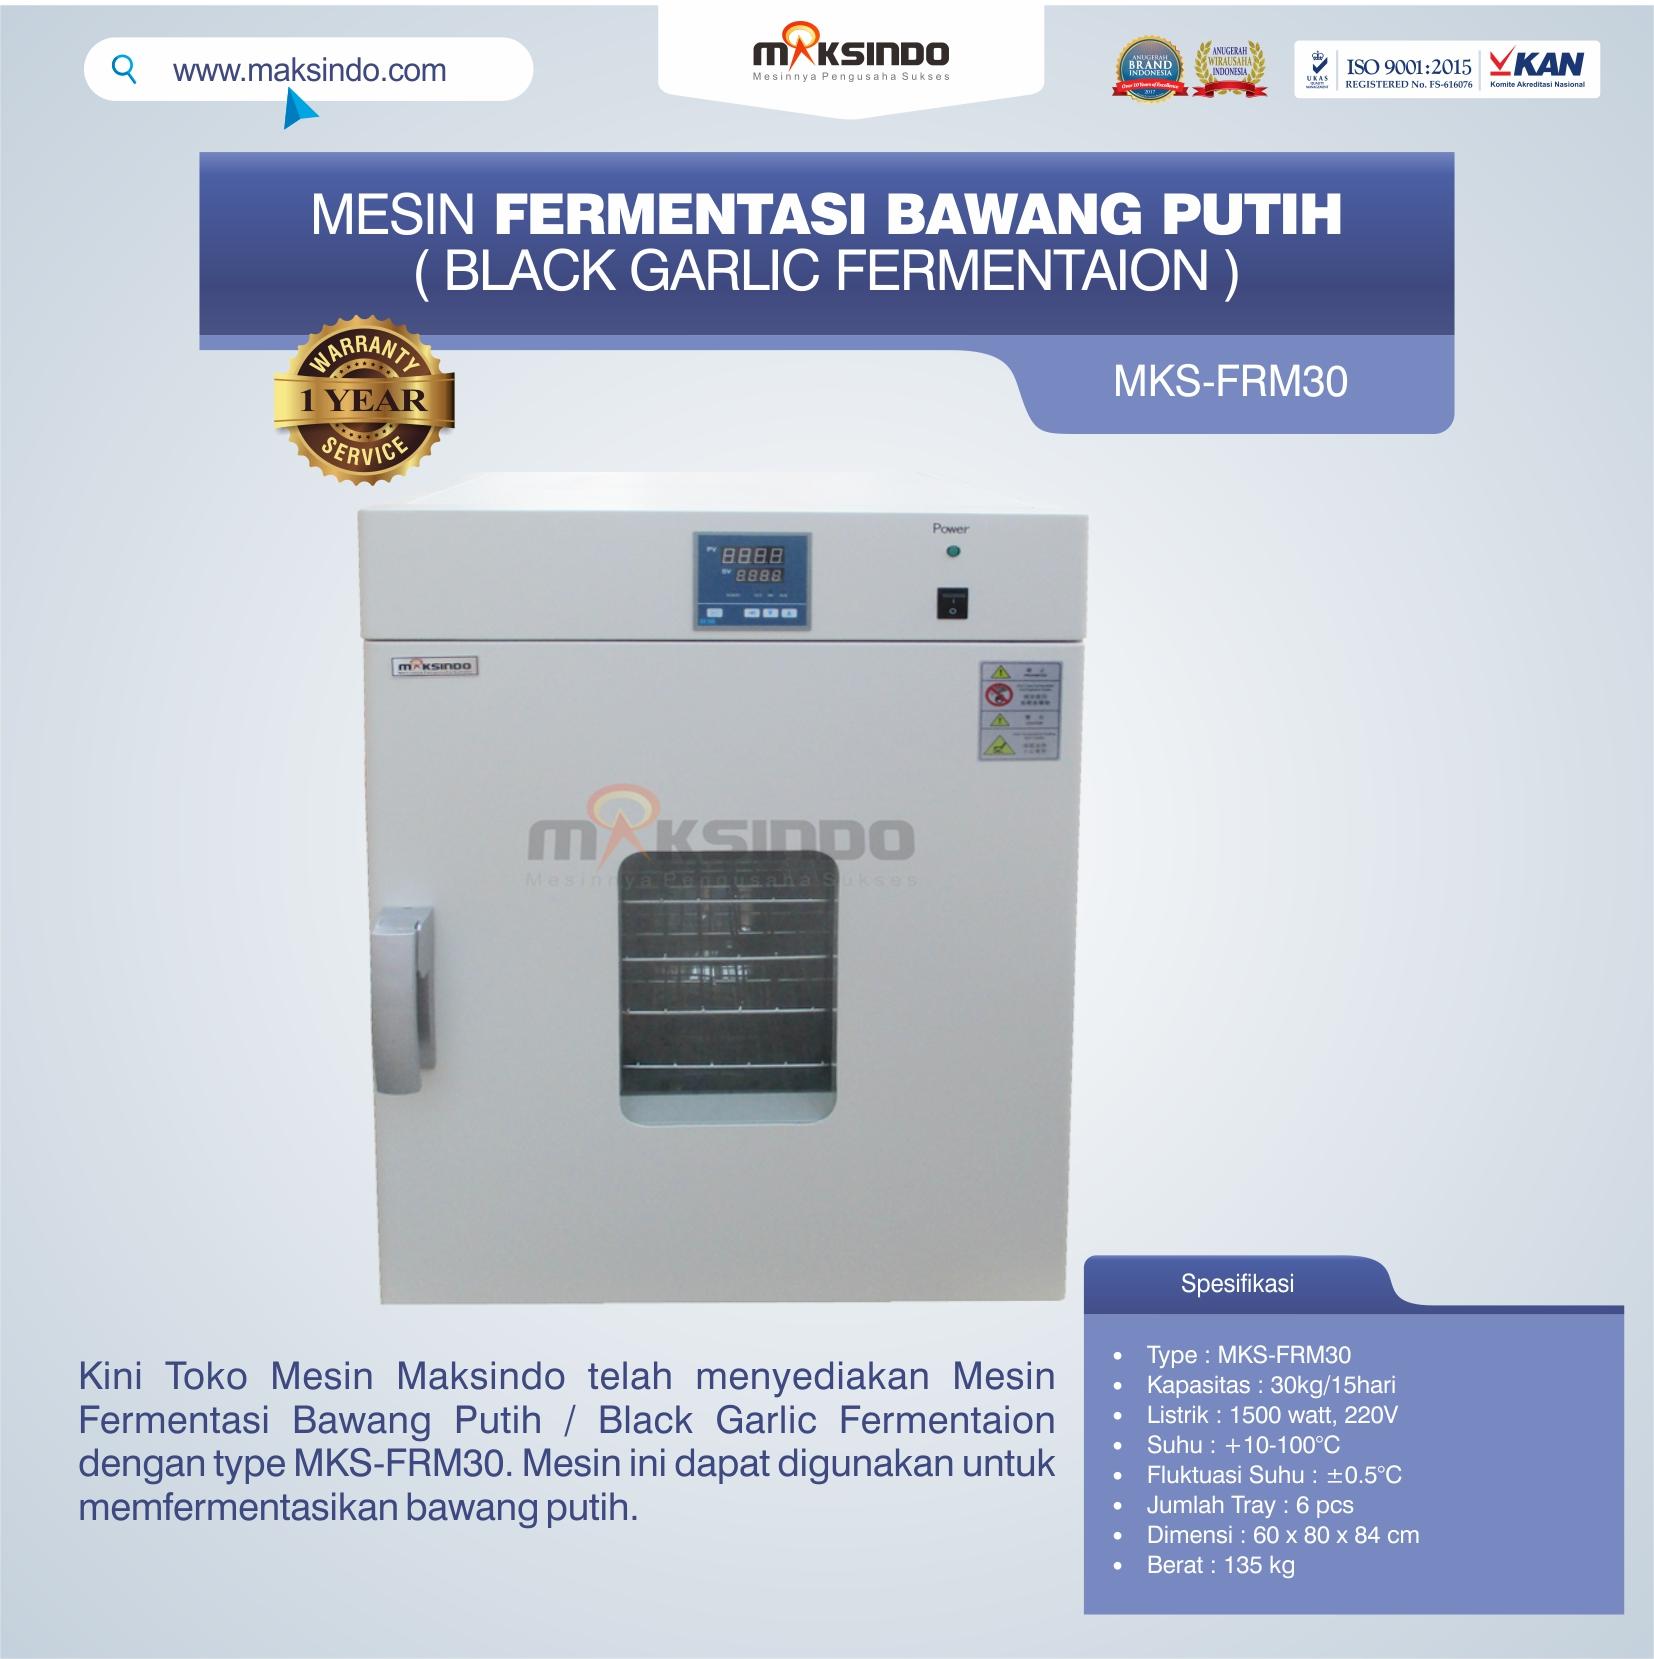 Jual Mesin Fermentasi Bawang Putih / Black Garlic Fermentaion MKS-FRM30 di Banjarmasin